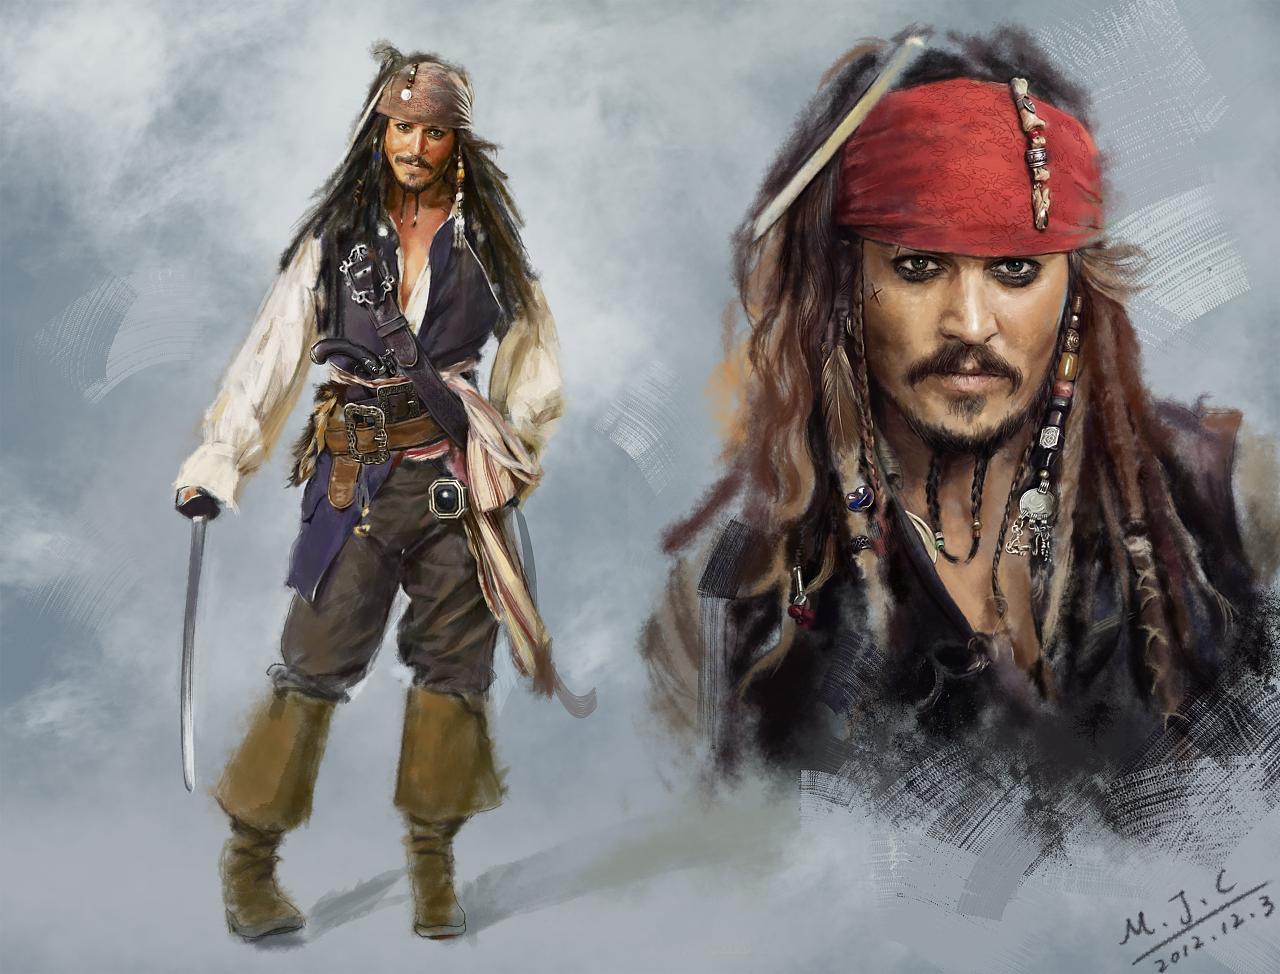 加勒比海盗----杰克船长 插画 商业插画 马骏驰0909 - 原创作品 - 站酷 (ZCOOL)